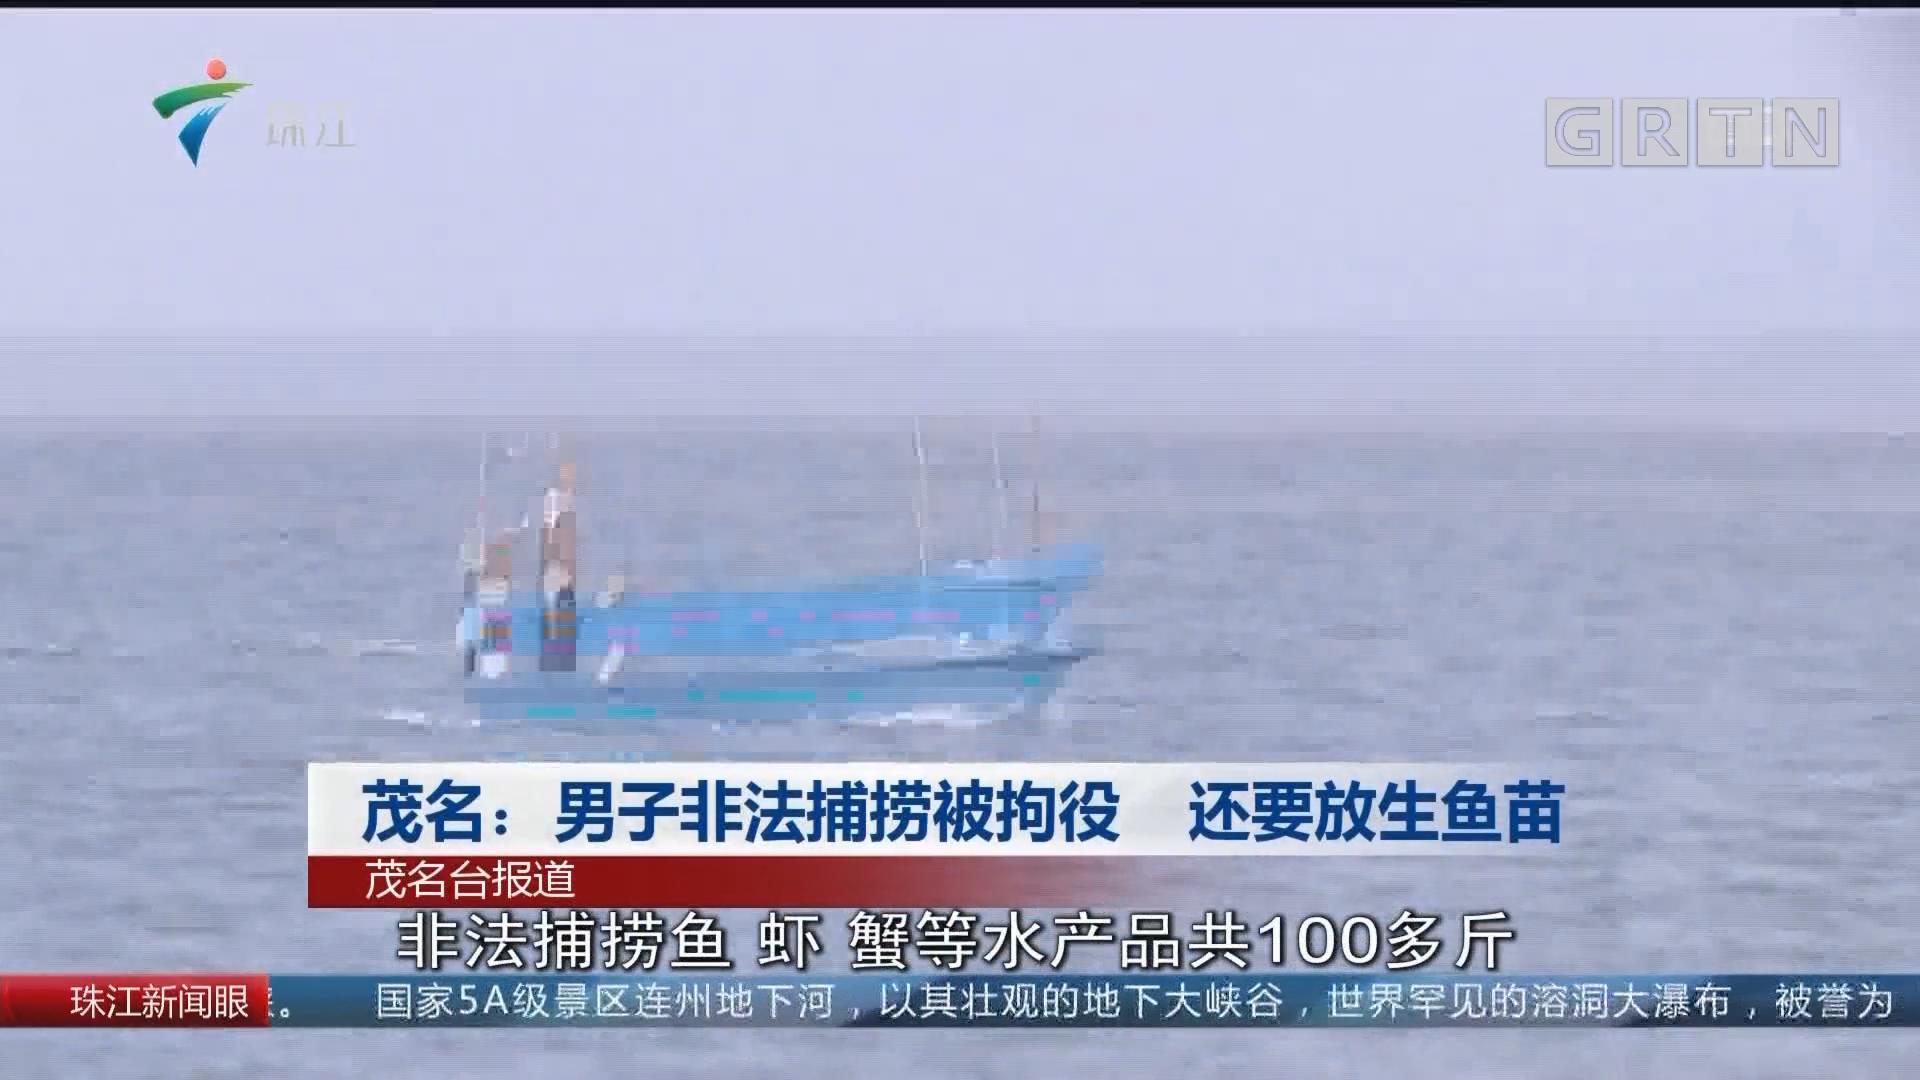 茂名:男子非法捕捞被拘役 还要放生鱼苗